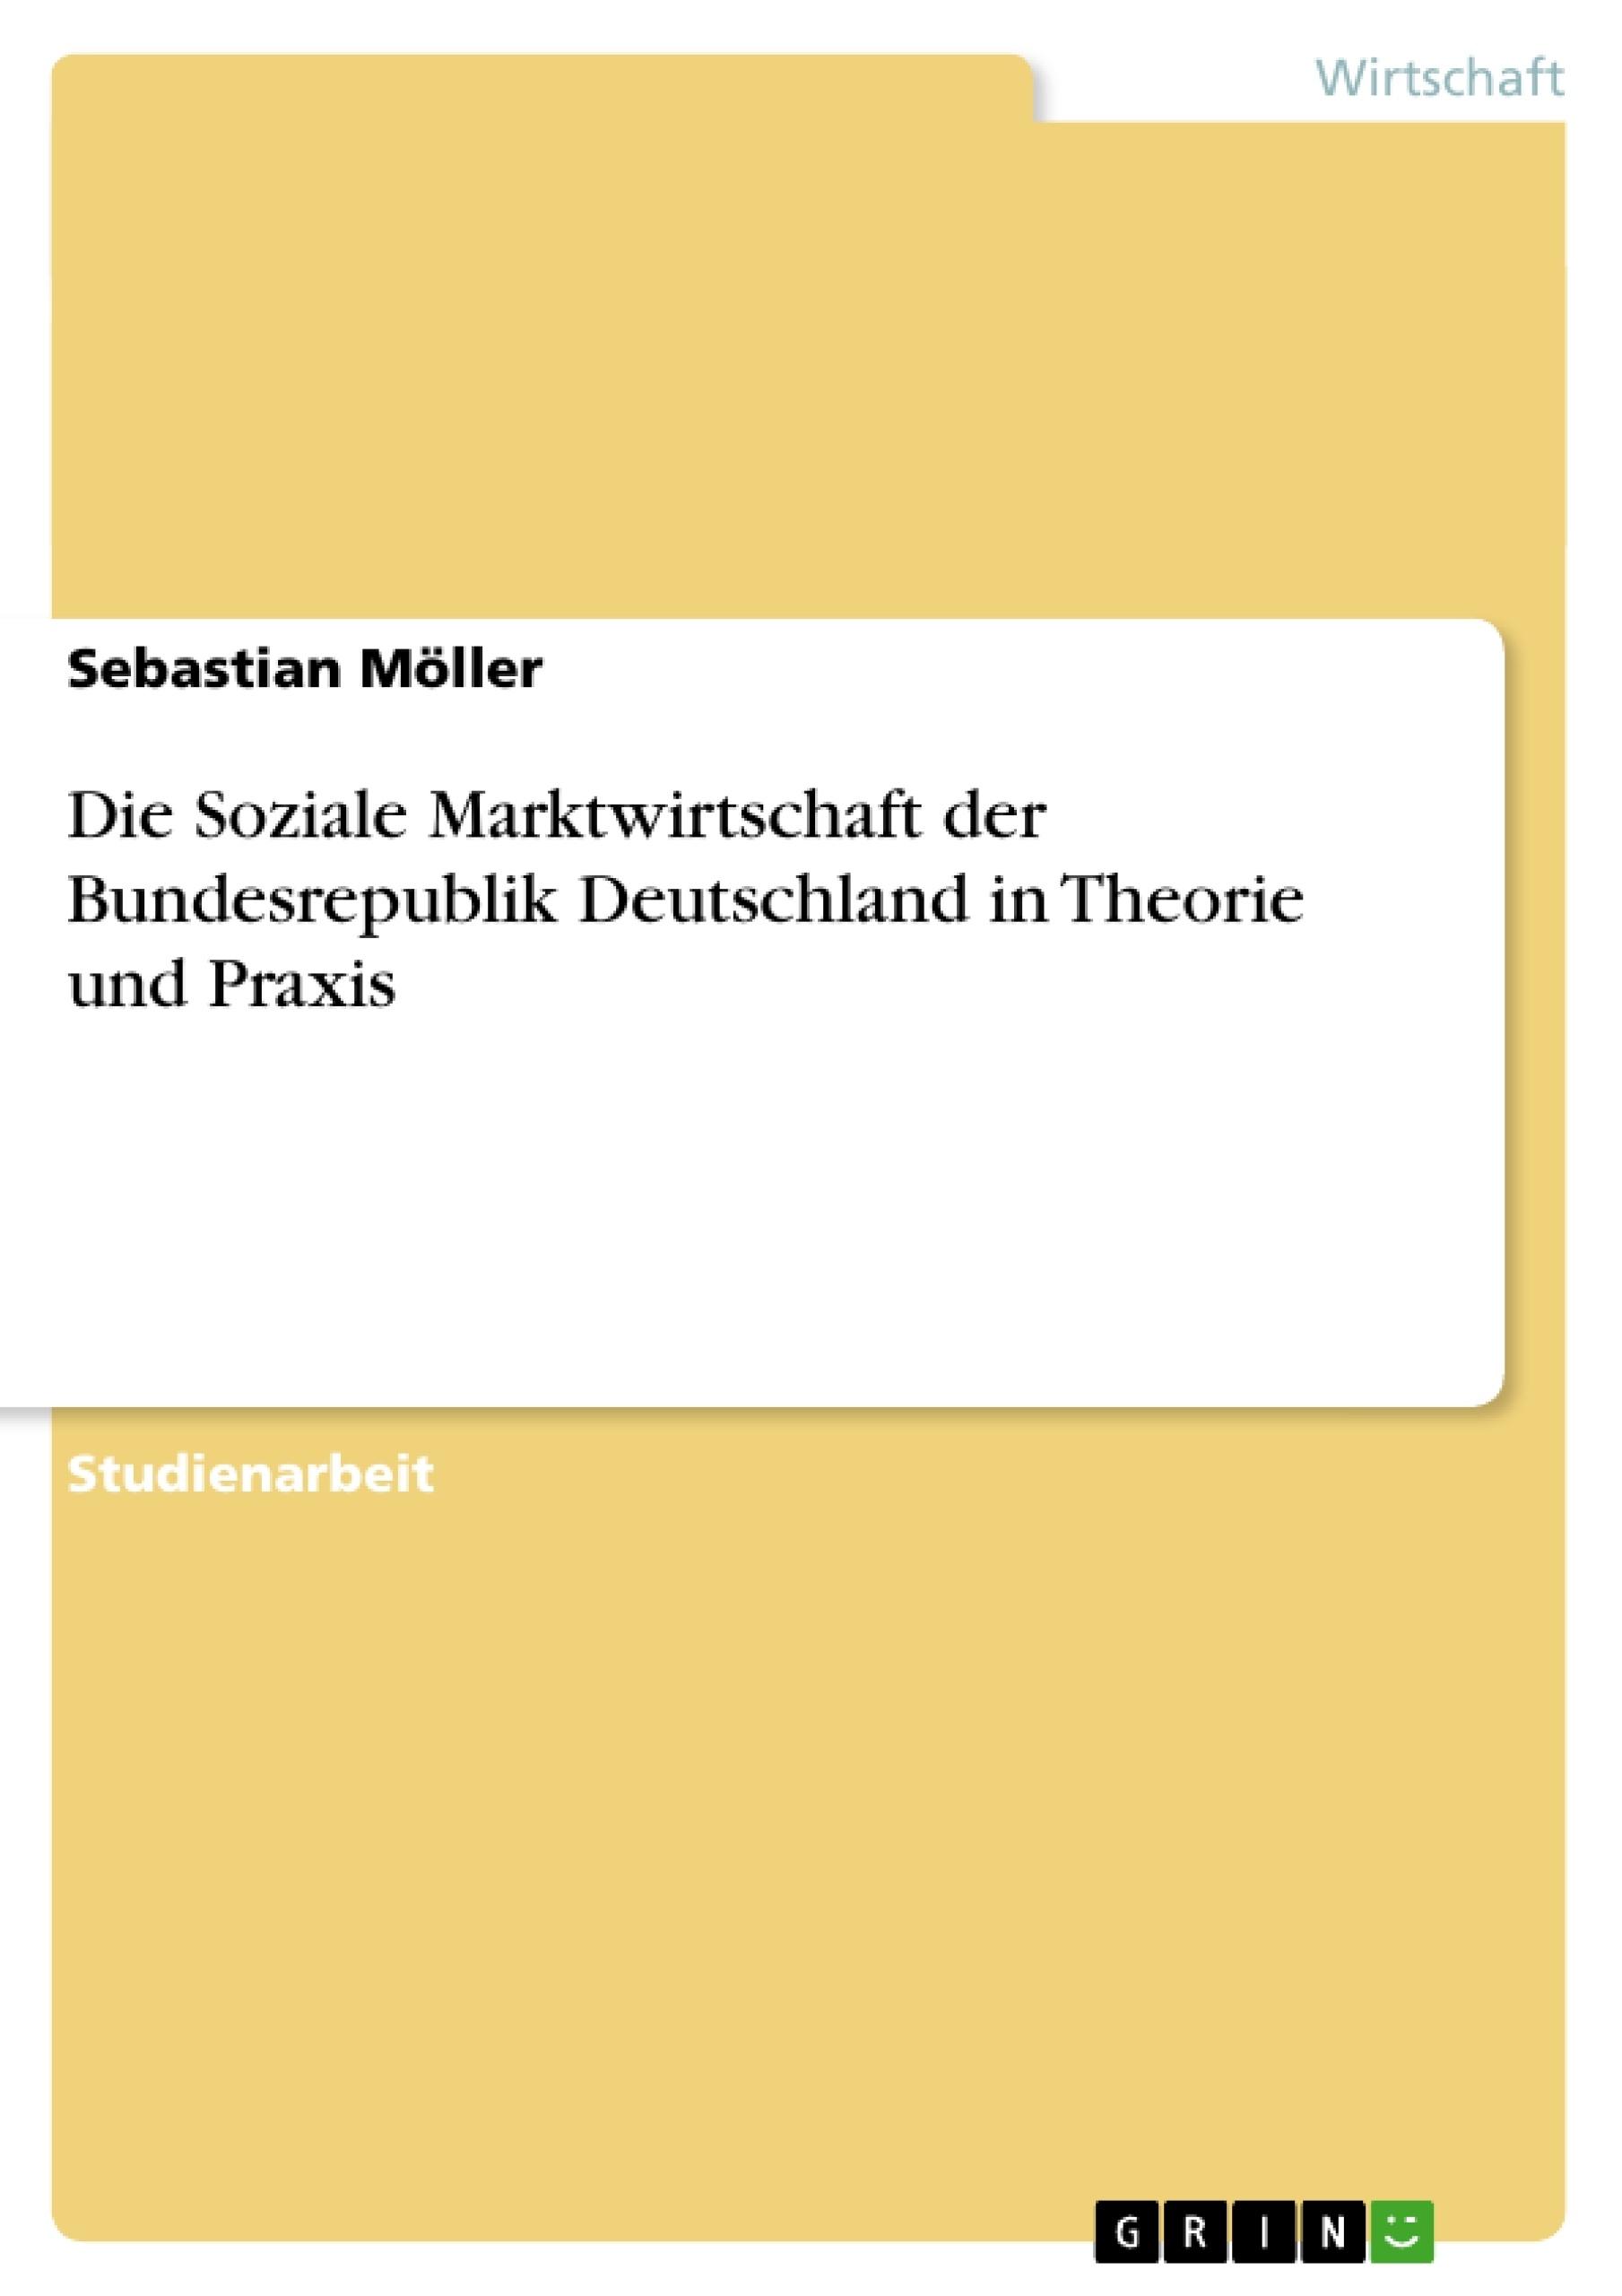 Titel: Die Soziale Marktwirtschaft der Bundesrepublik Deutschland in Theorie und Praxis